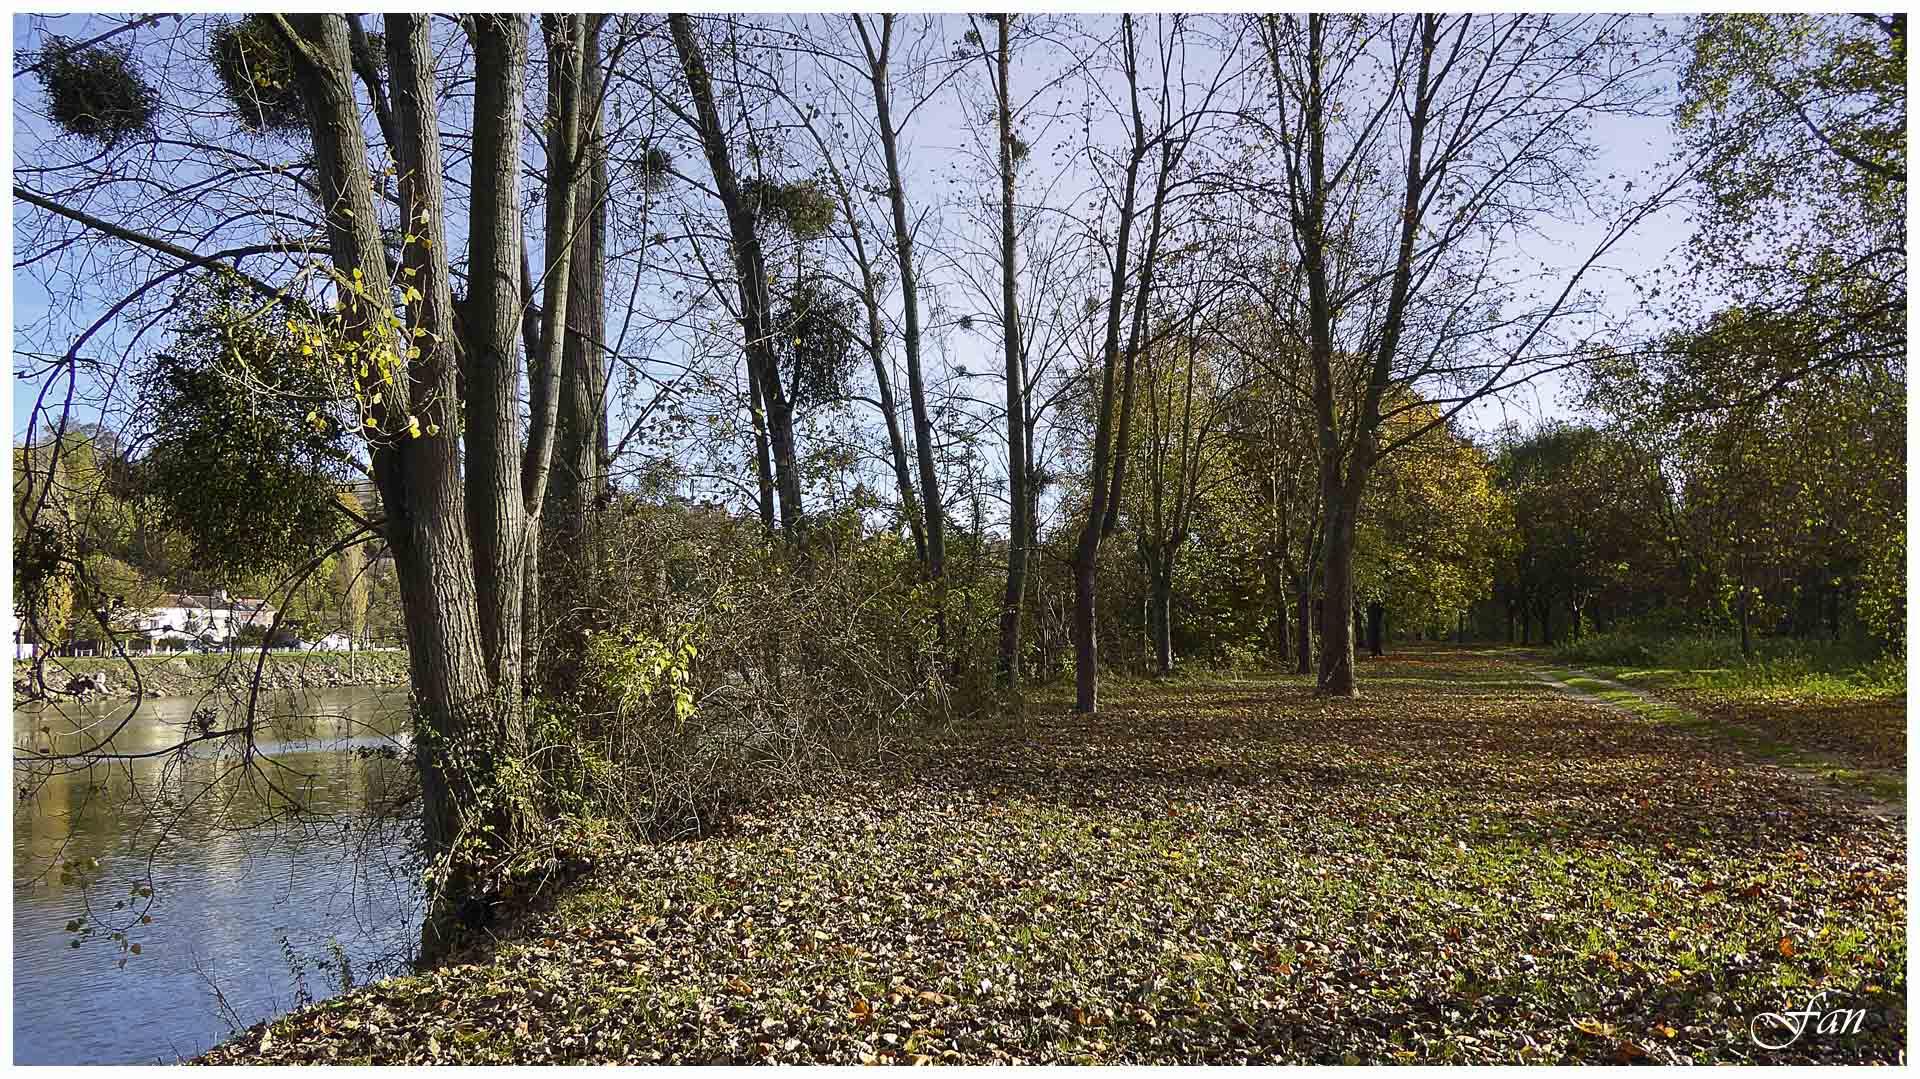 Paysage et nature des yvelines 416175P1010381bis